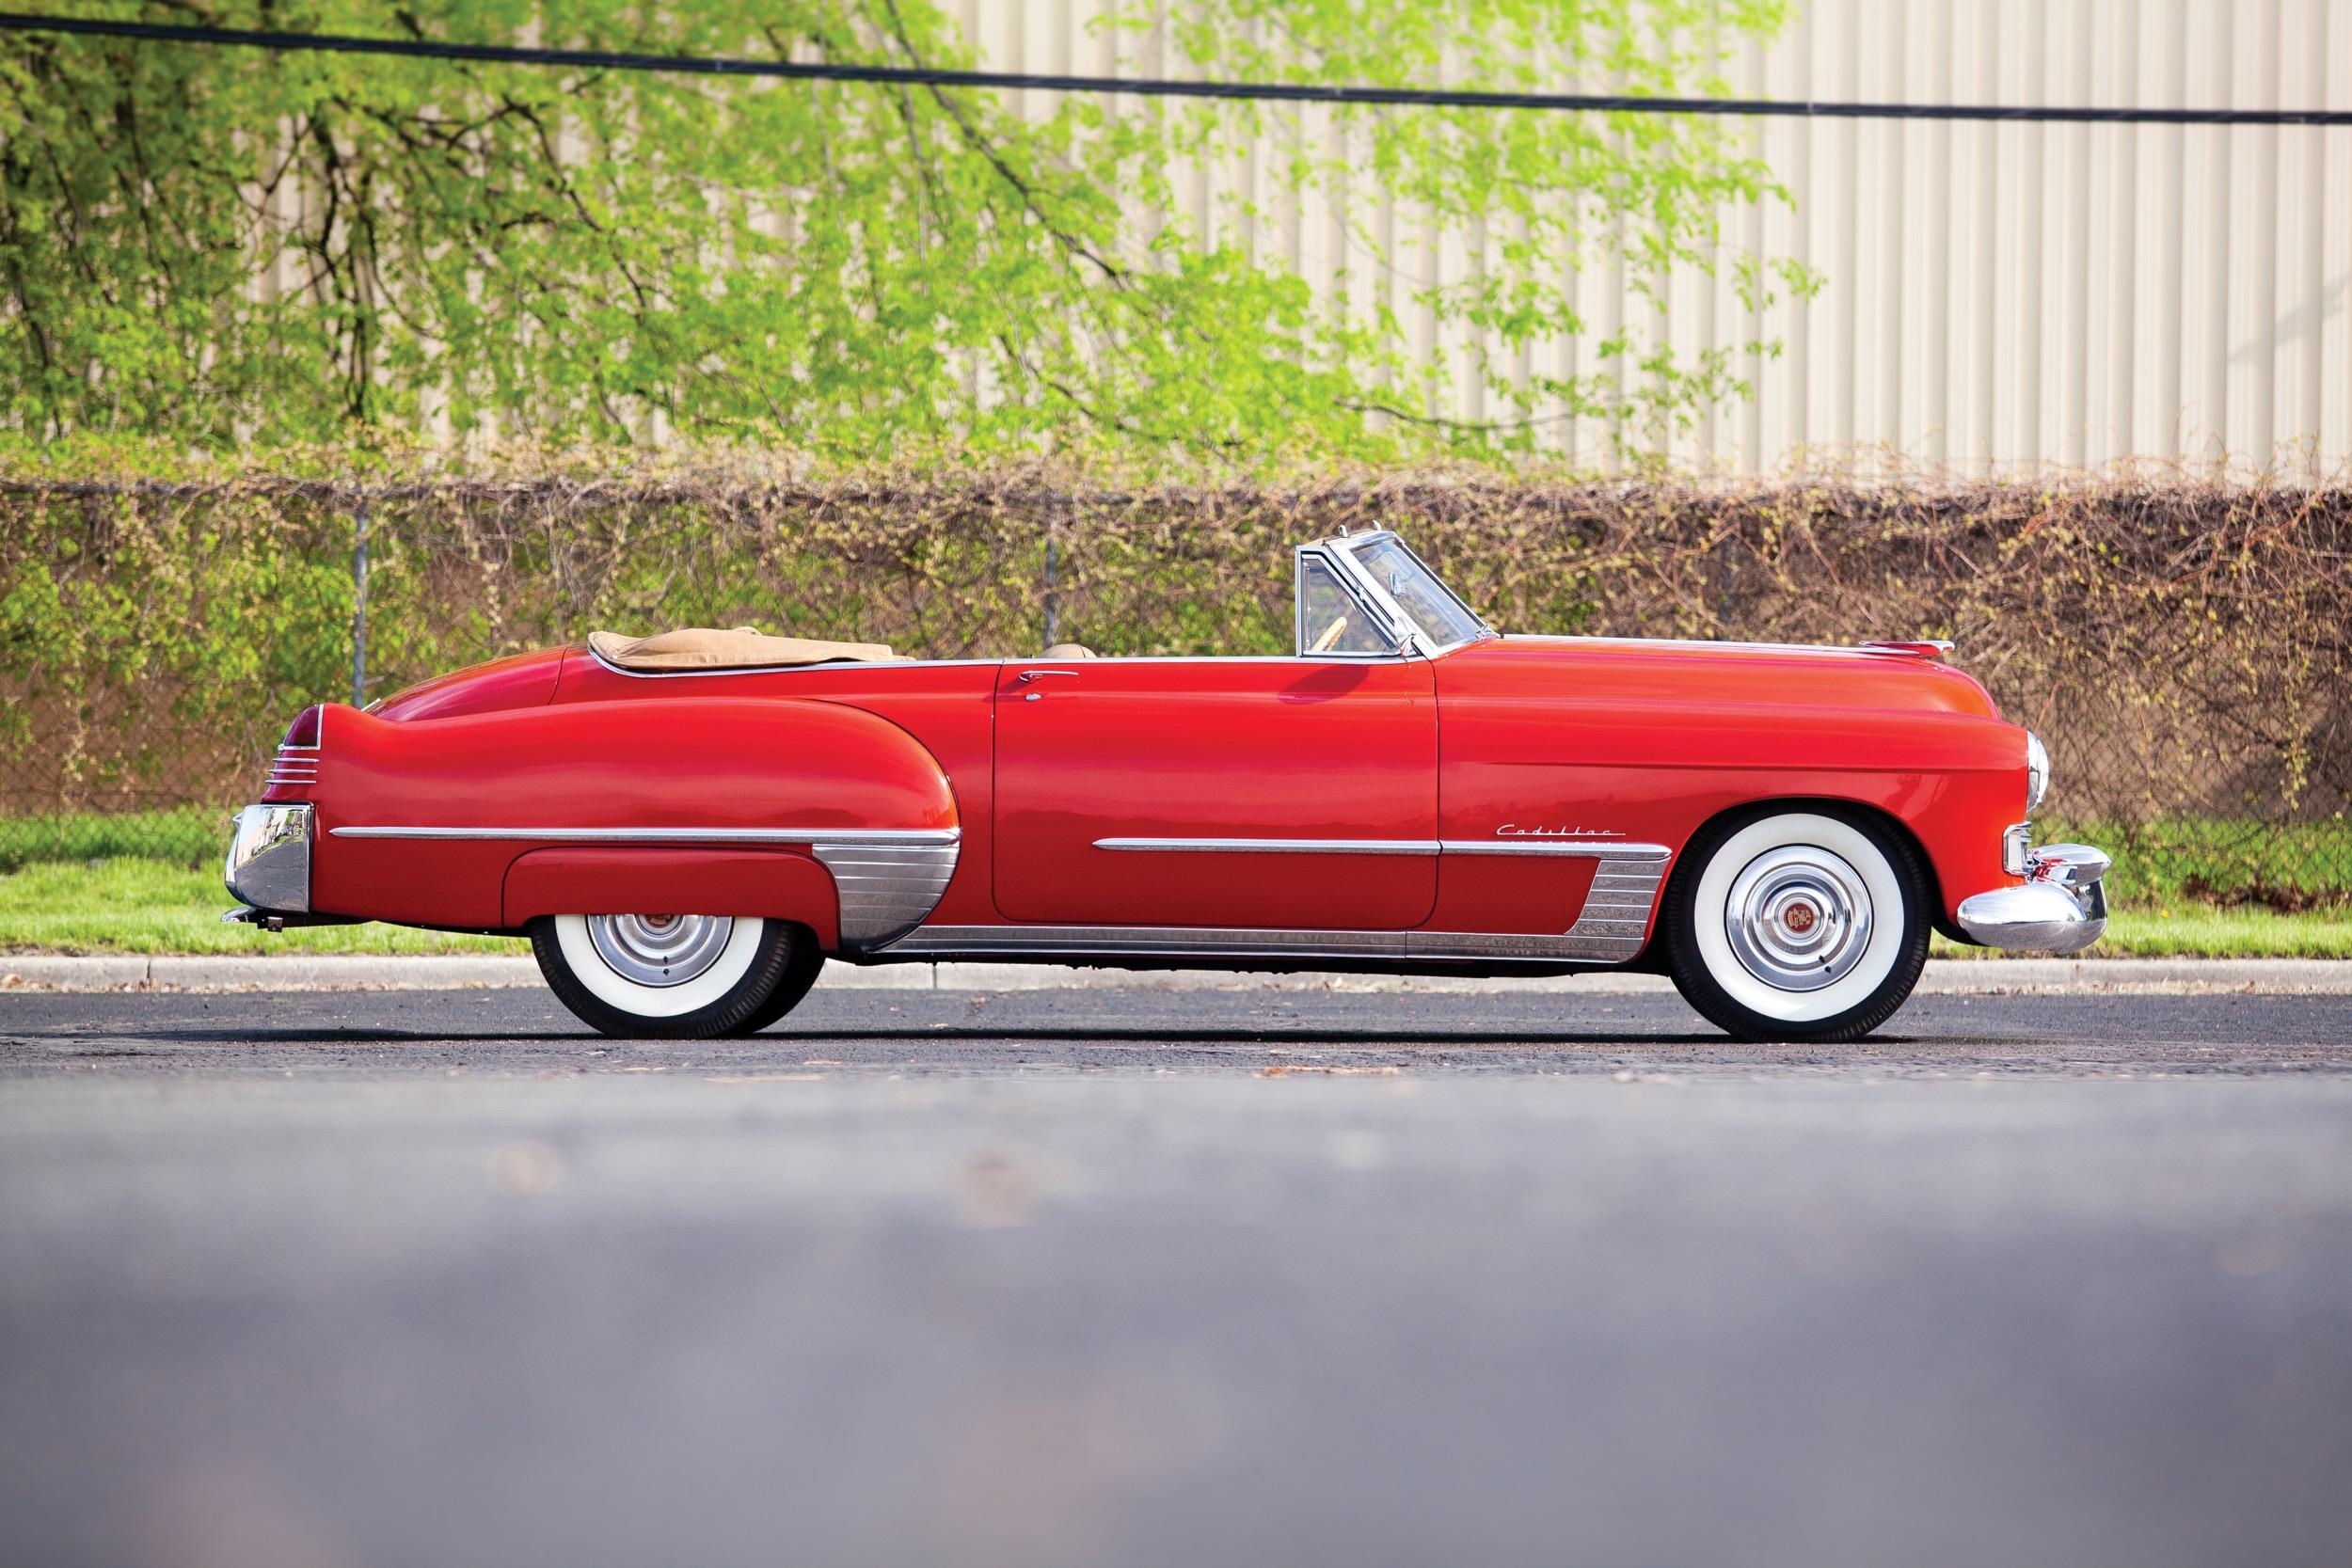 Die Cadillac Von 1948 49 Radicalmag 1951 Fleetwood Sedan Dieser Wurde Produziert Anderen Modelle Fisher Hatte Einen Radstand 337 Metern Series 61 62 320 Meter Und War Stolze 574